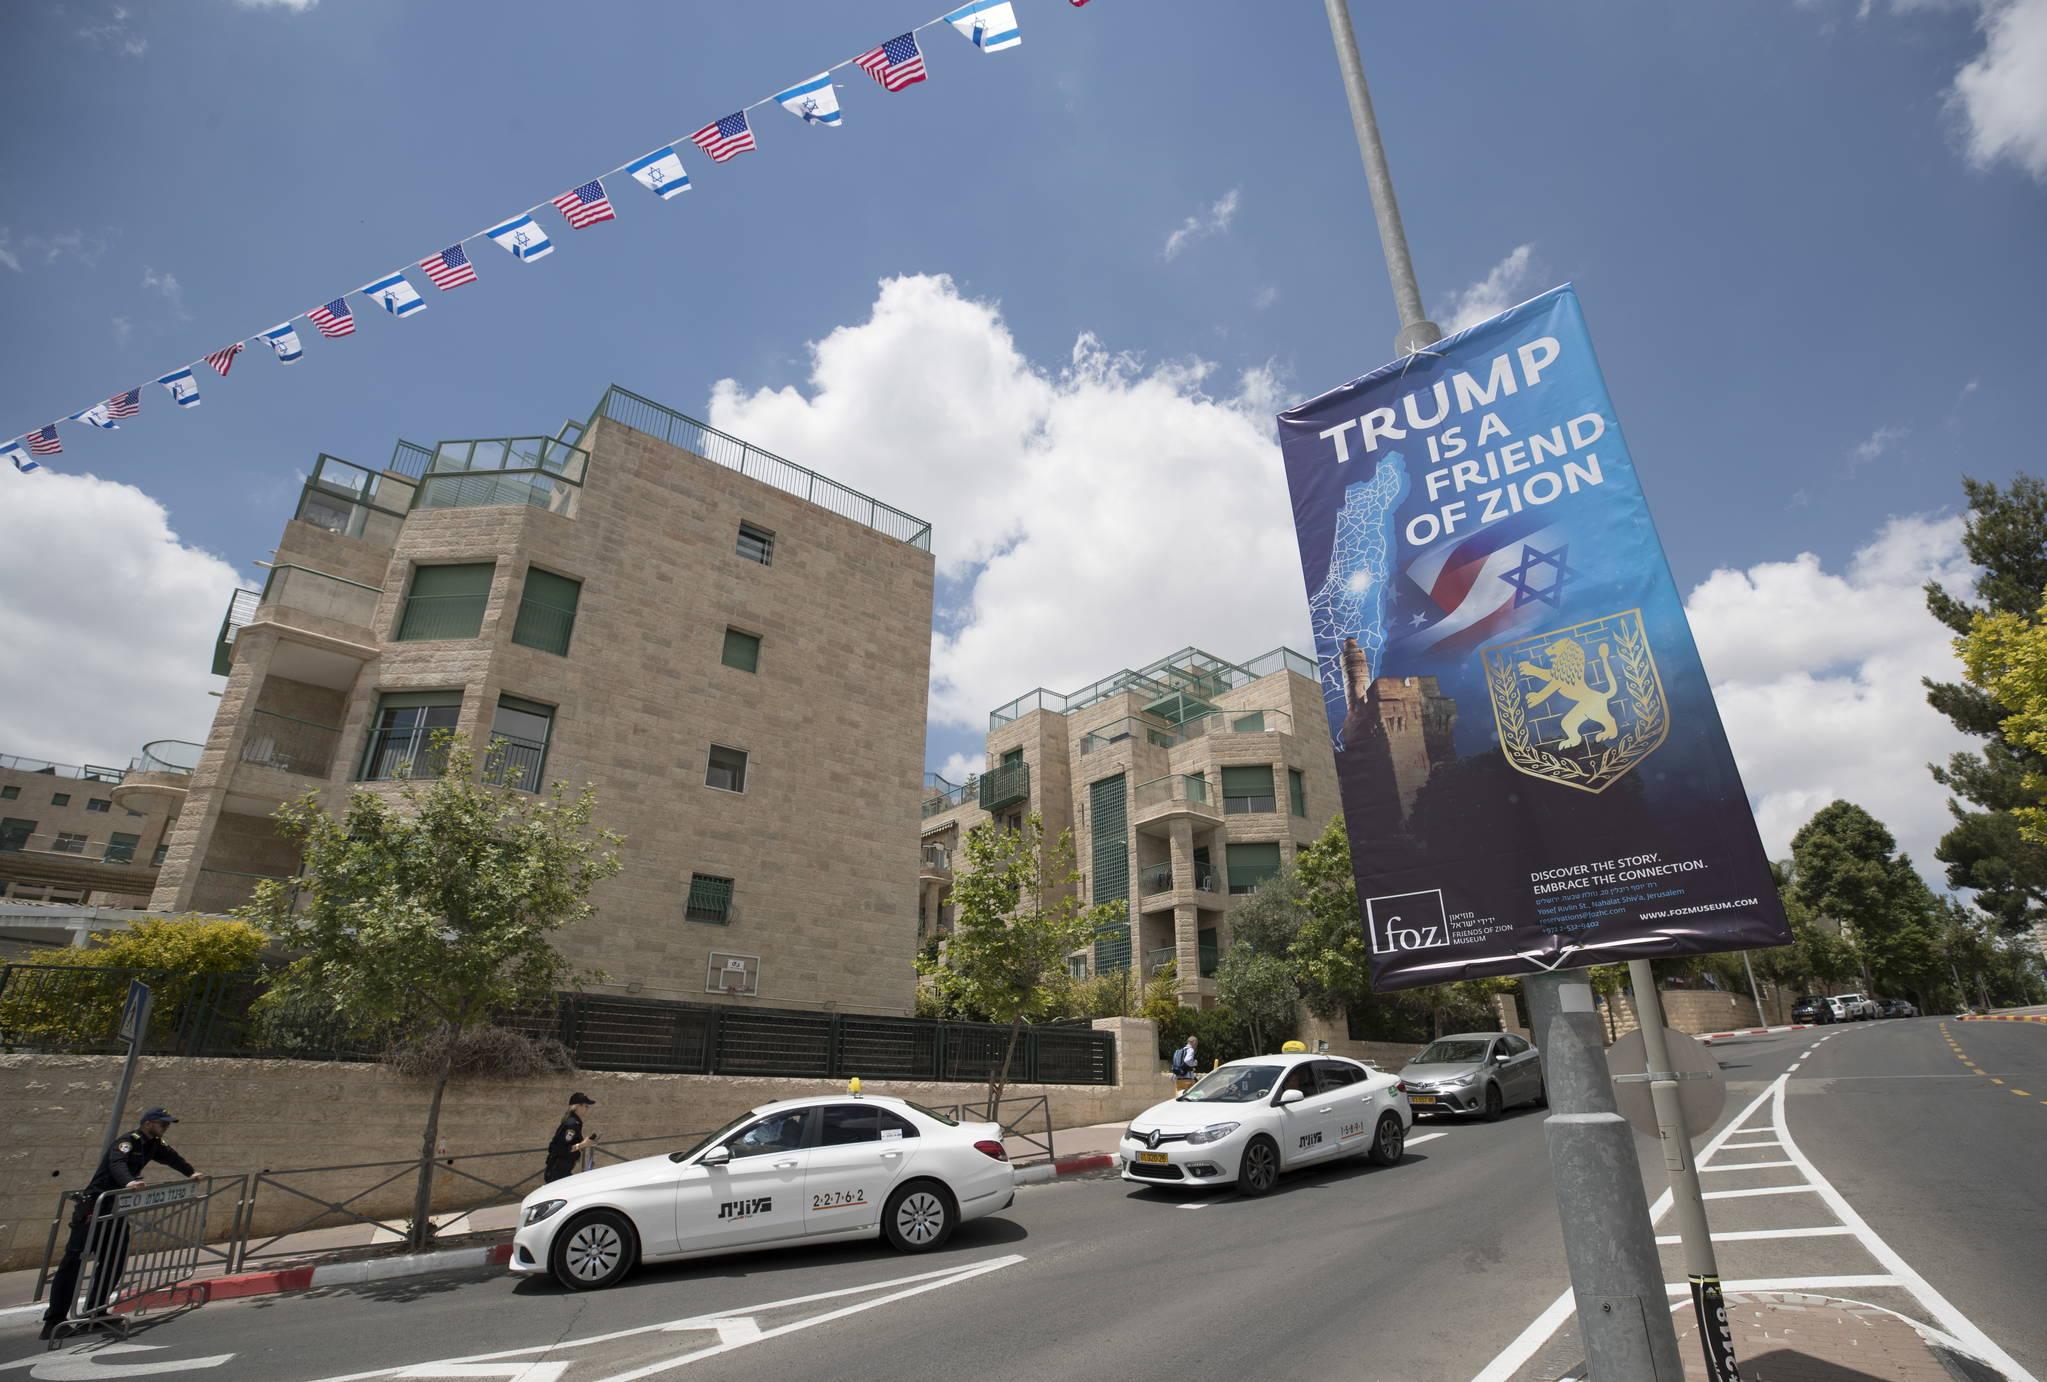 예루살렘 미국대사관 앞 도로에